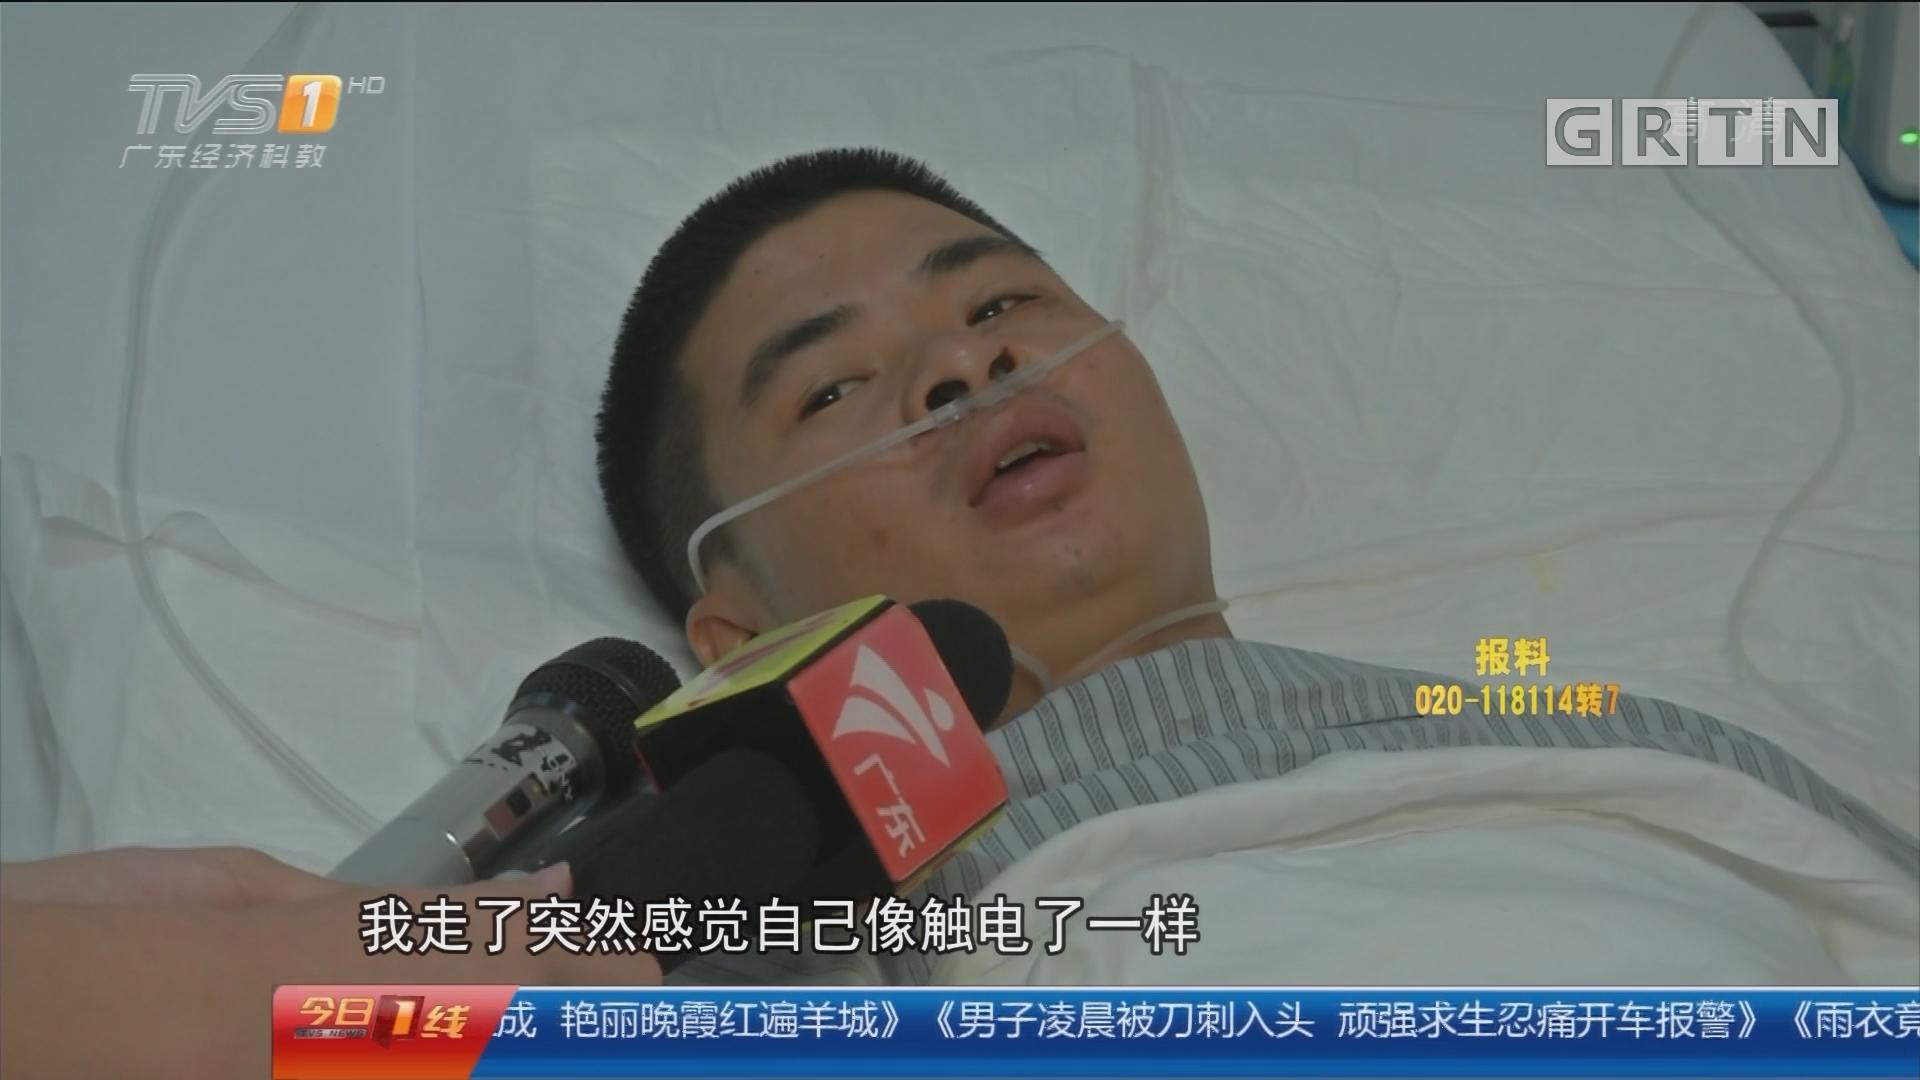 广州增城:男子凌晨被刀刺入头 忍痛开车去报警